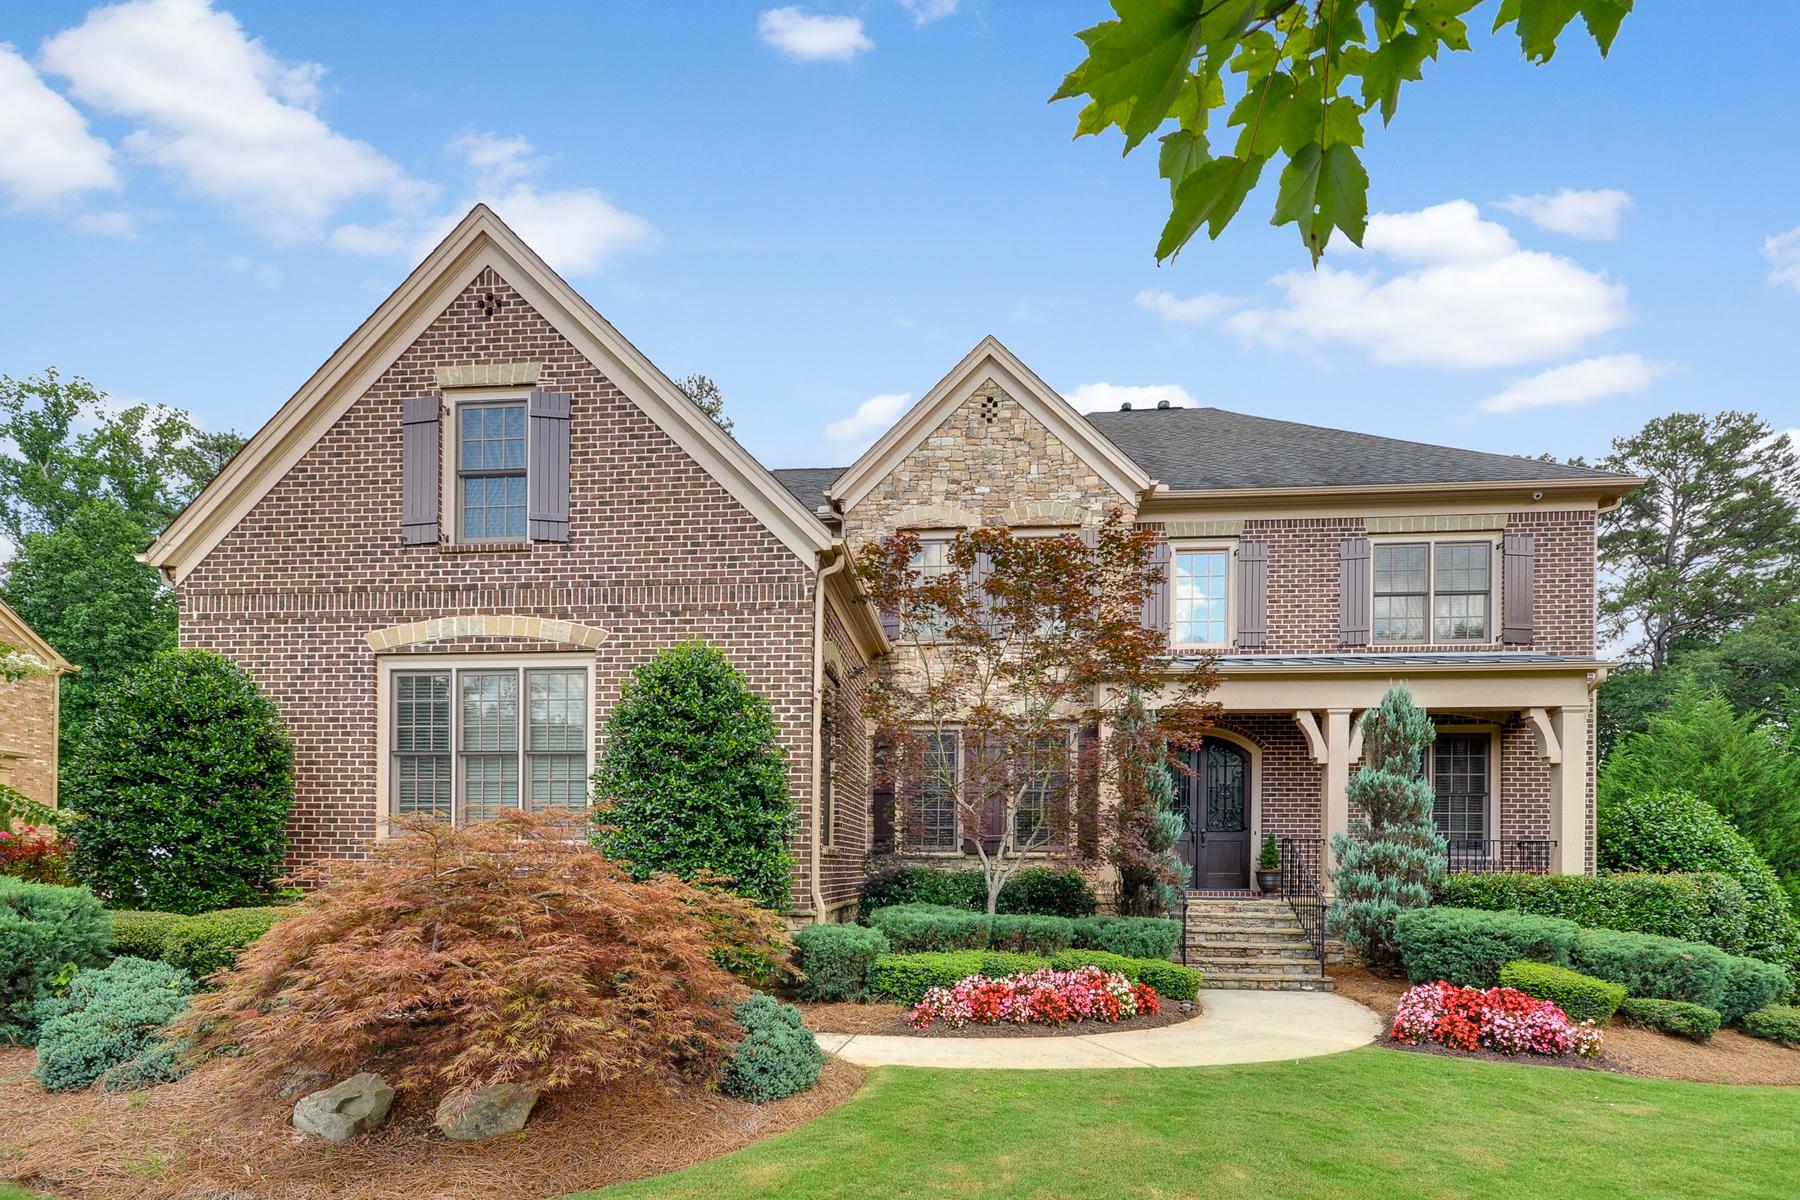 独户住宅 为 销售 在 1062 Gramercy Lane 阿法乐特, 乔治亚州, 30004 美国